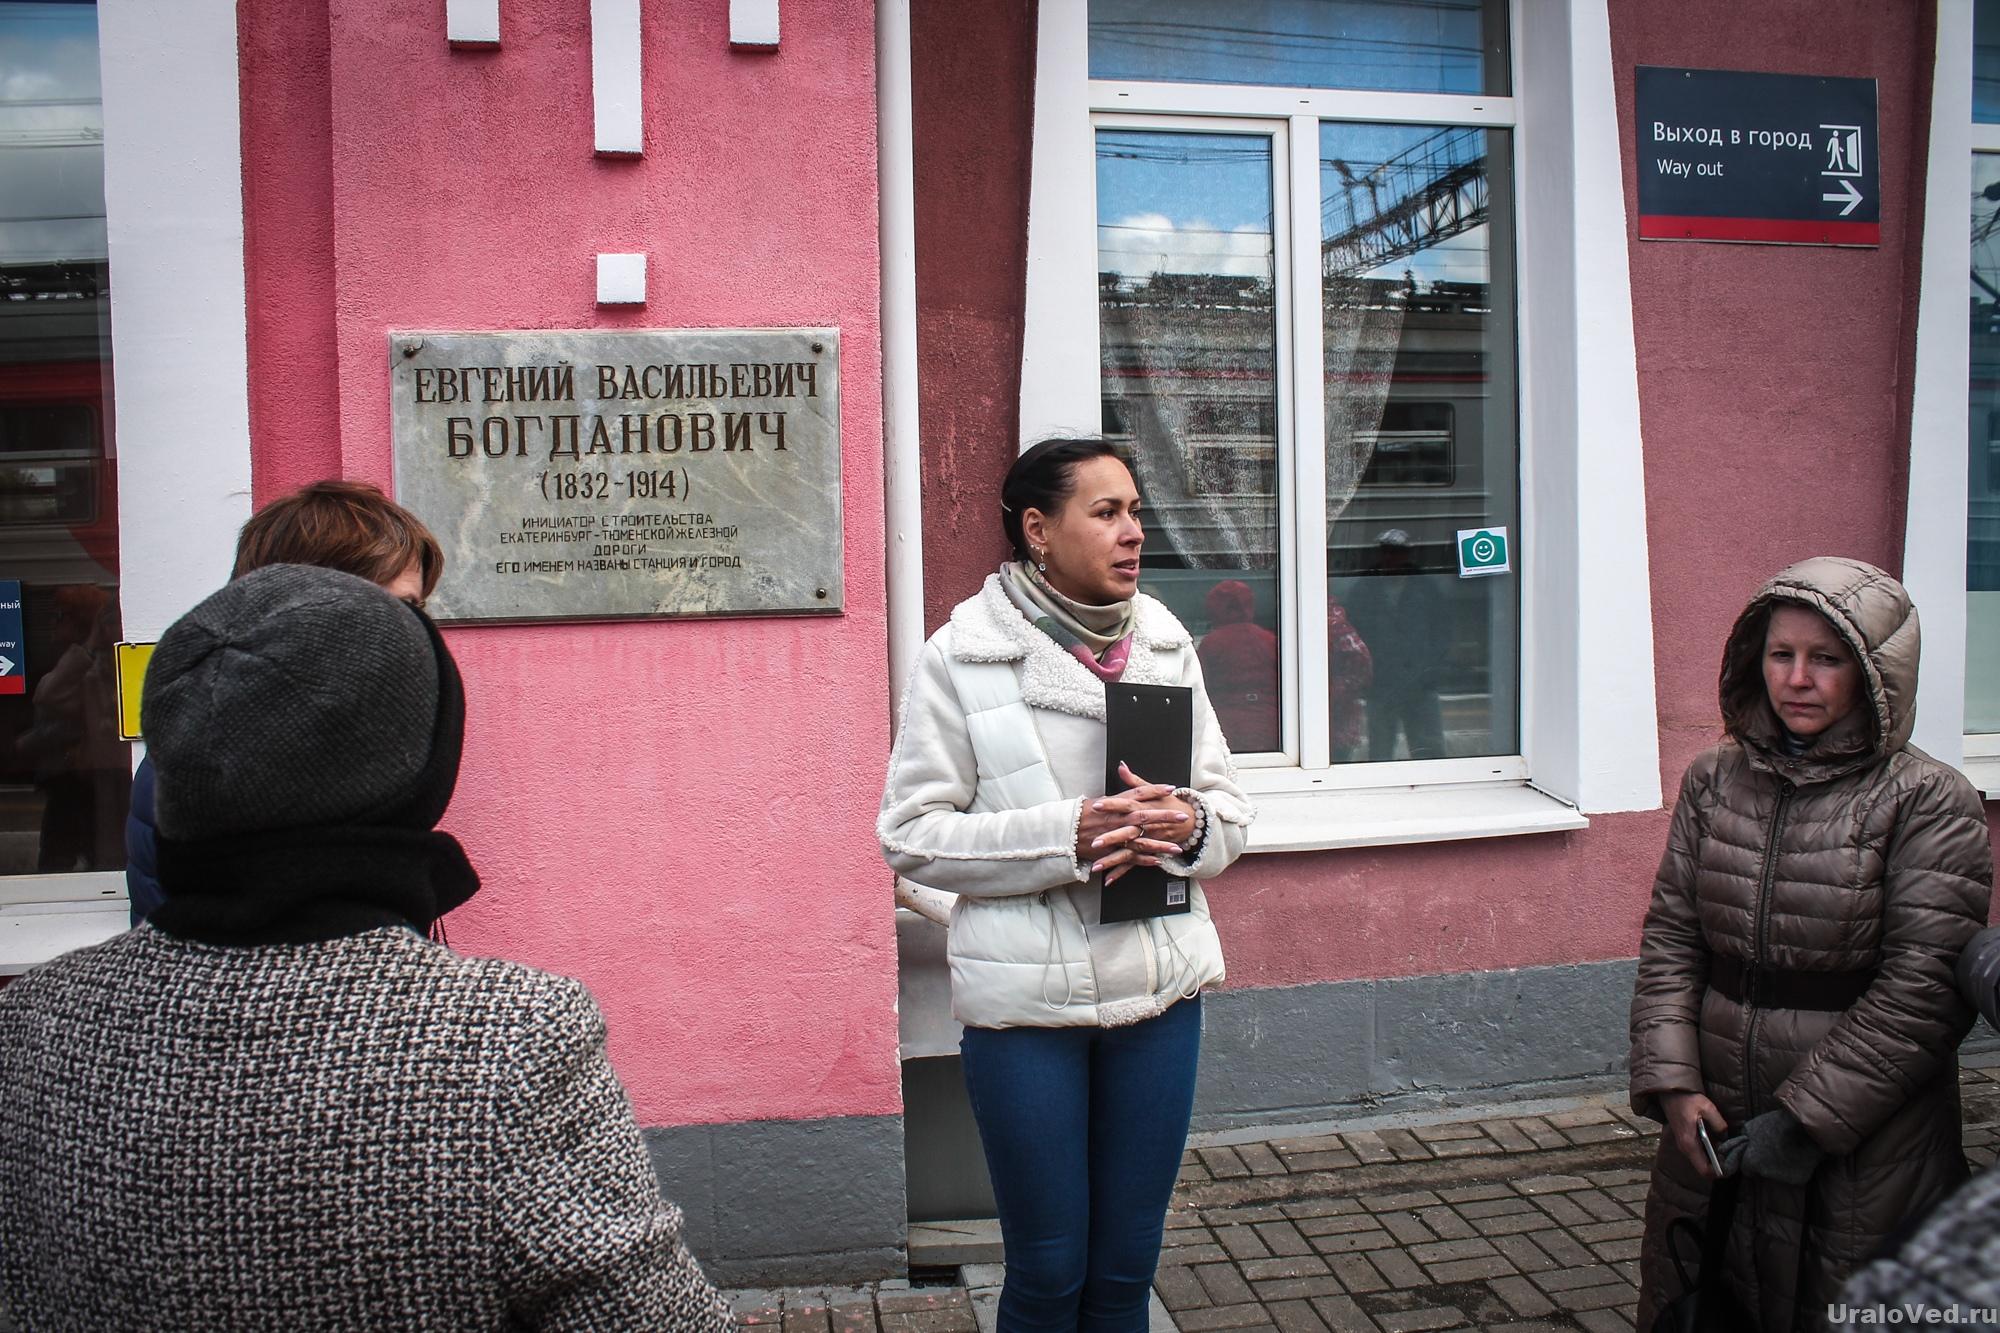 Мемориальная табличка на вокзале станции Богданович